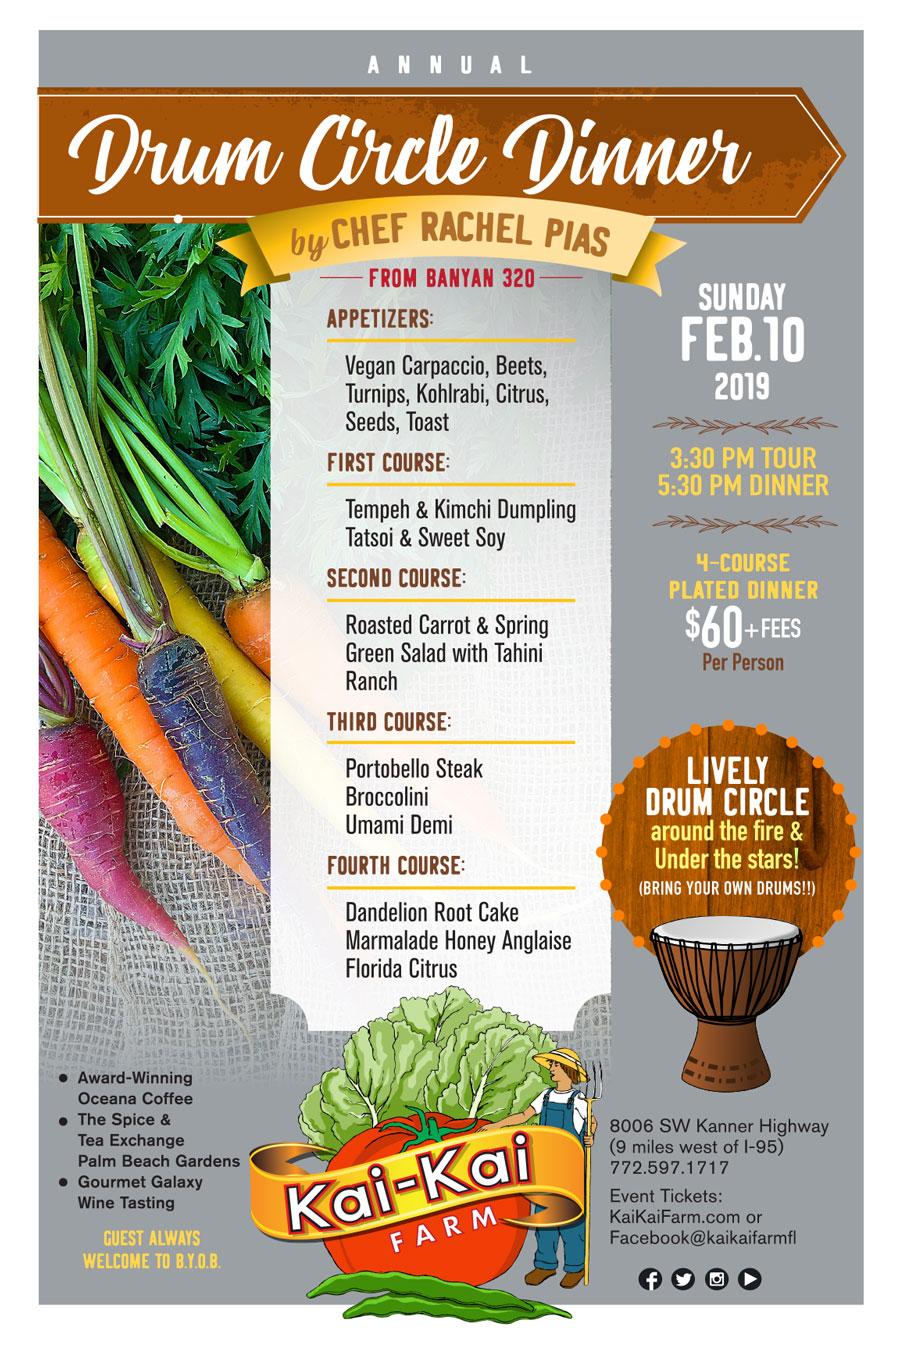 Chef-Rachel-Pias-Dinner-2.10.19-Poster-PR.jpg